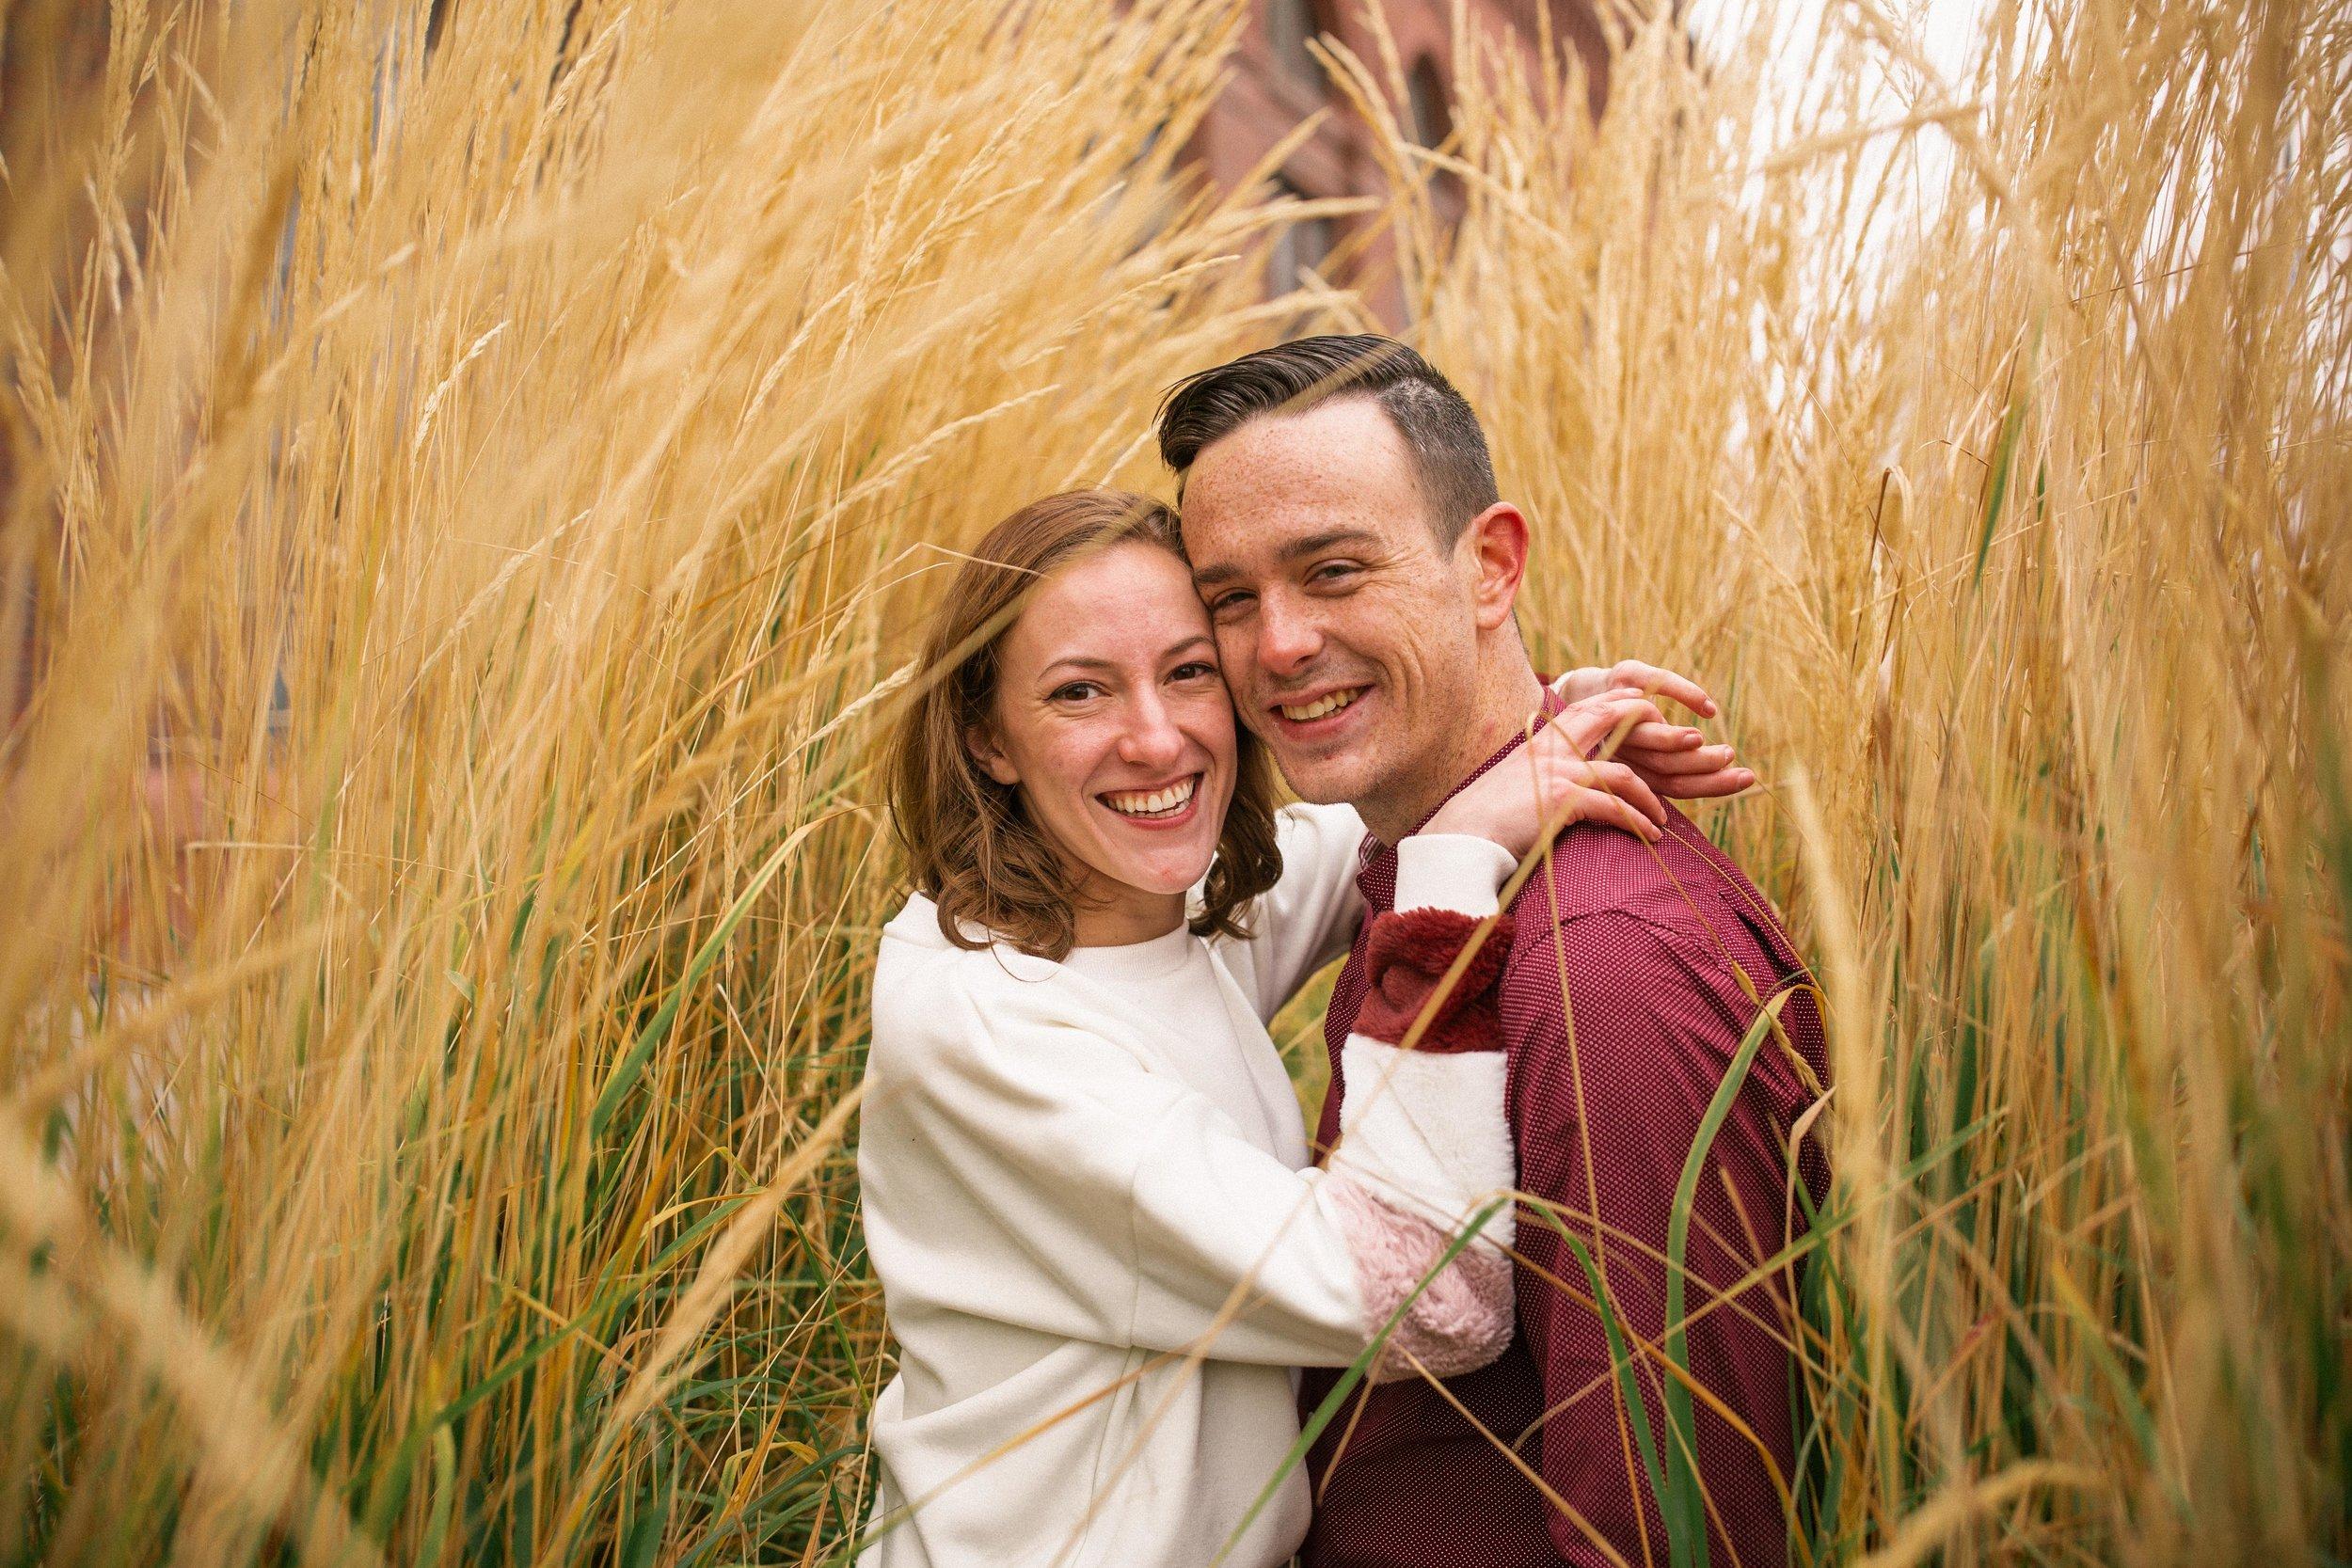 Izzy&Jacob-Engaged!BLOG-43.jpg